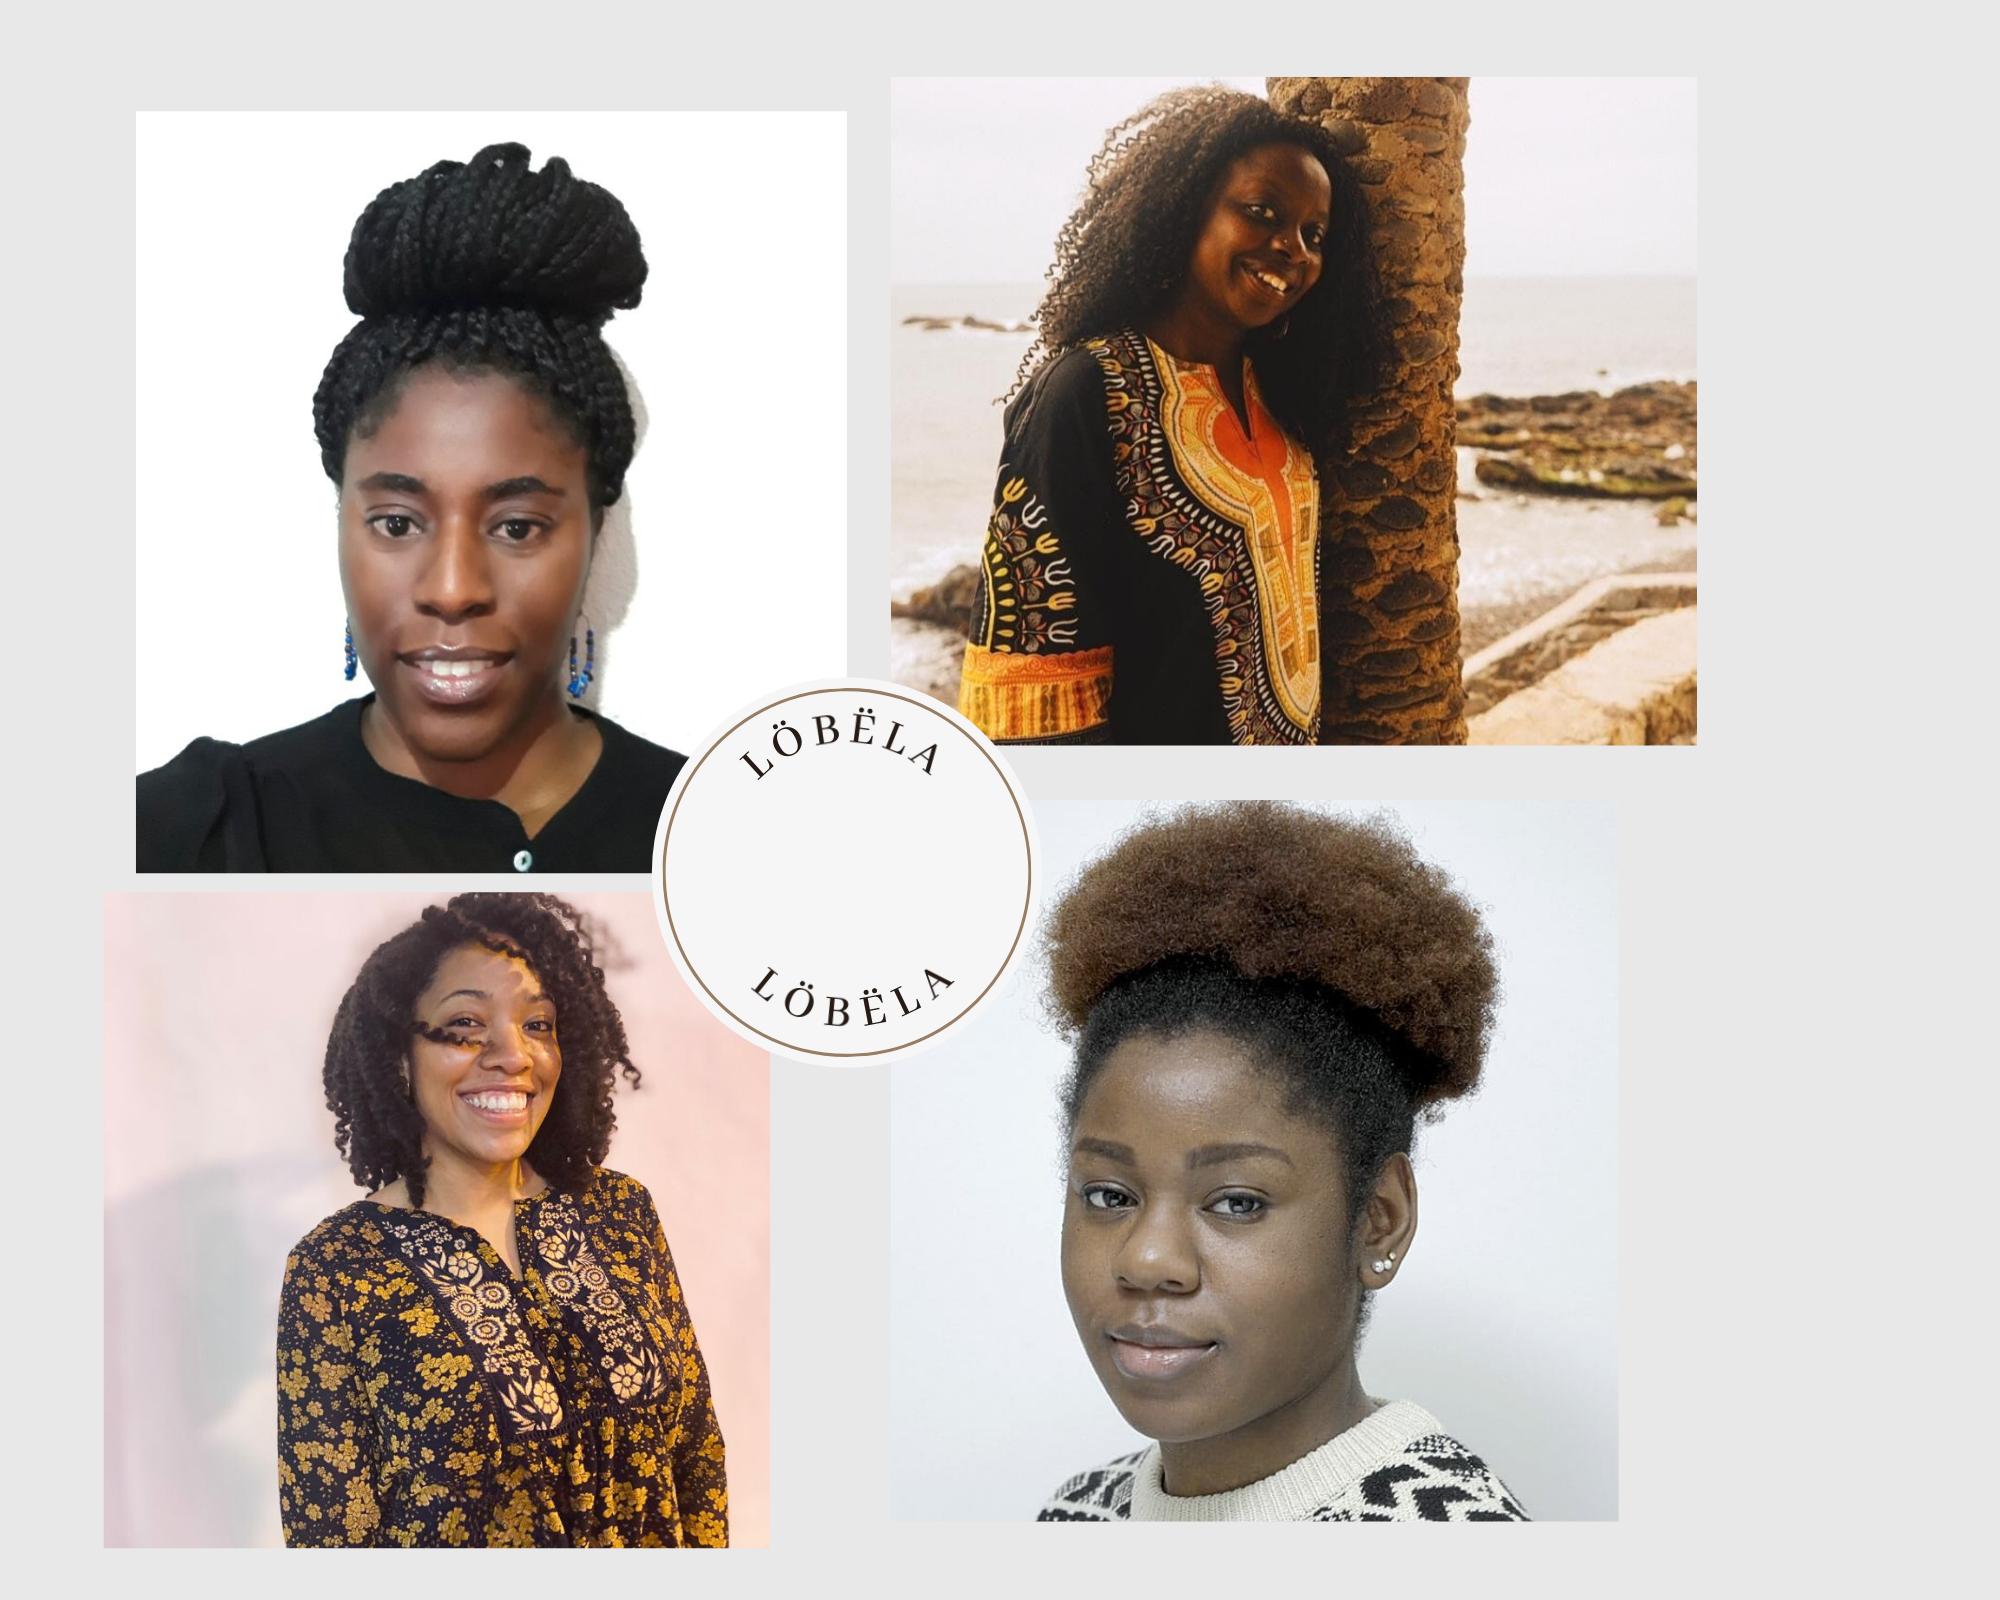 Encuentros con... Löbëla: 'Mujeres Afro de hoy'